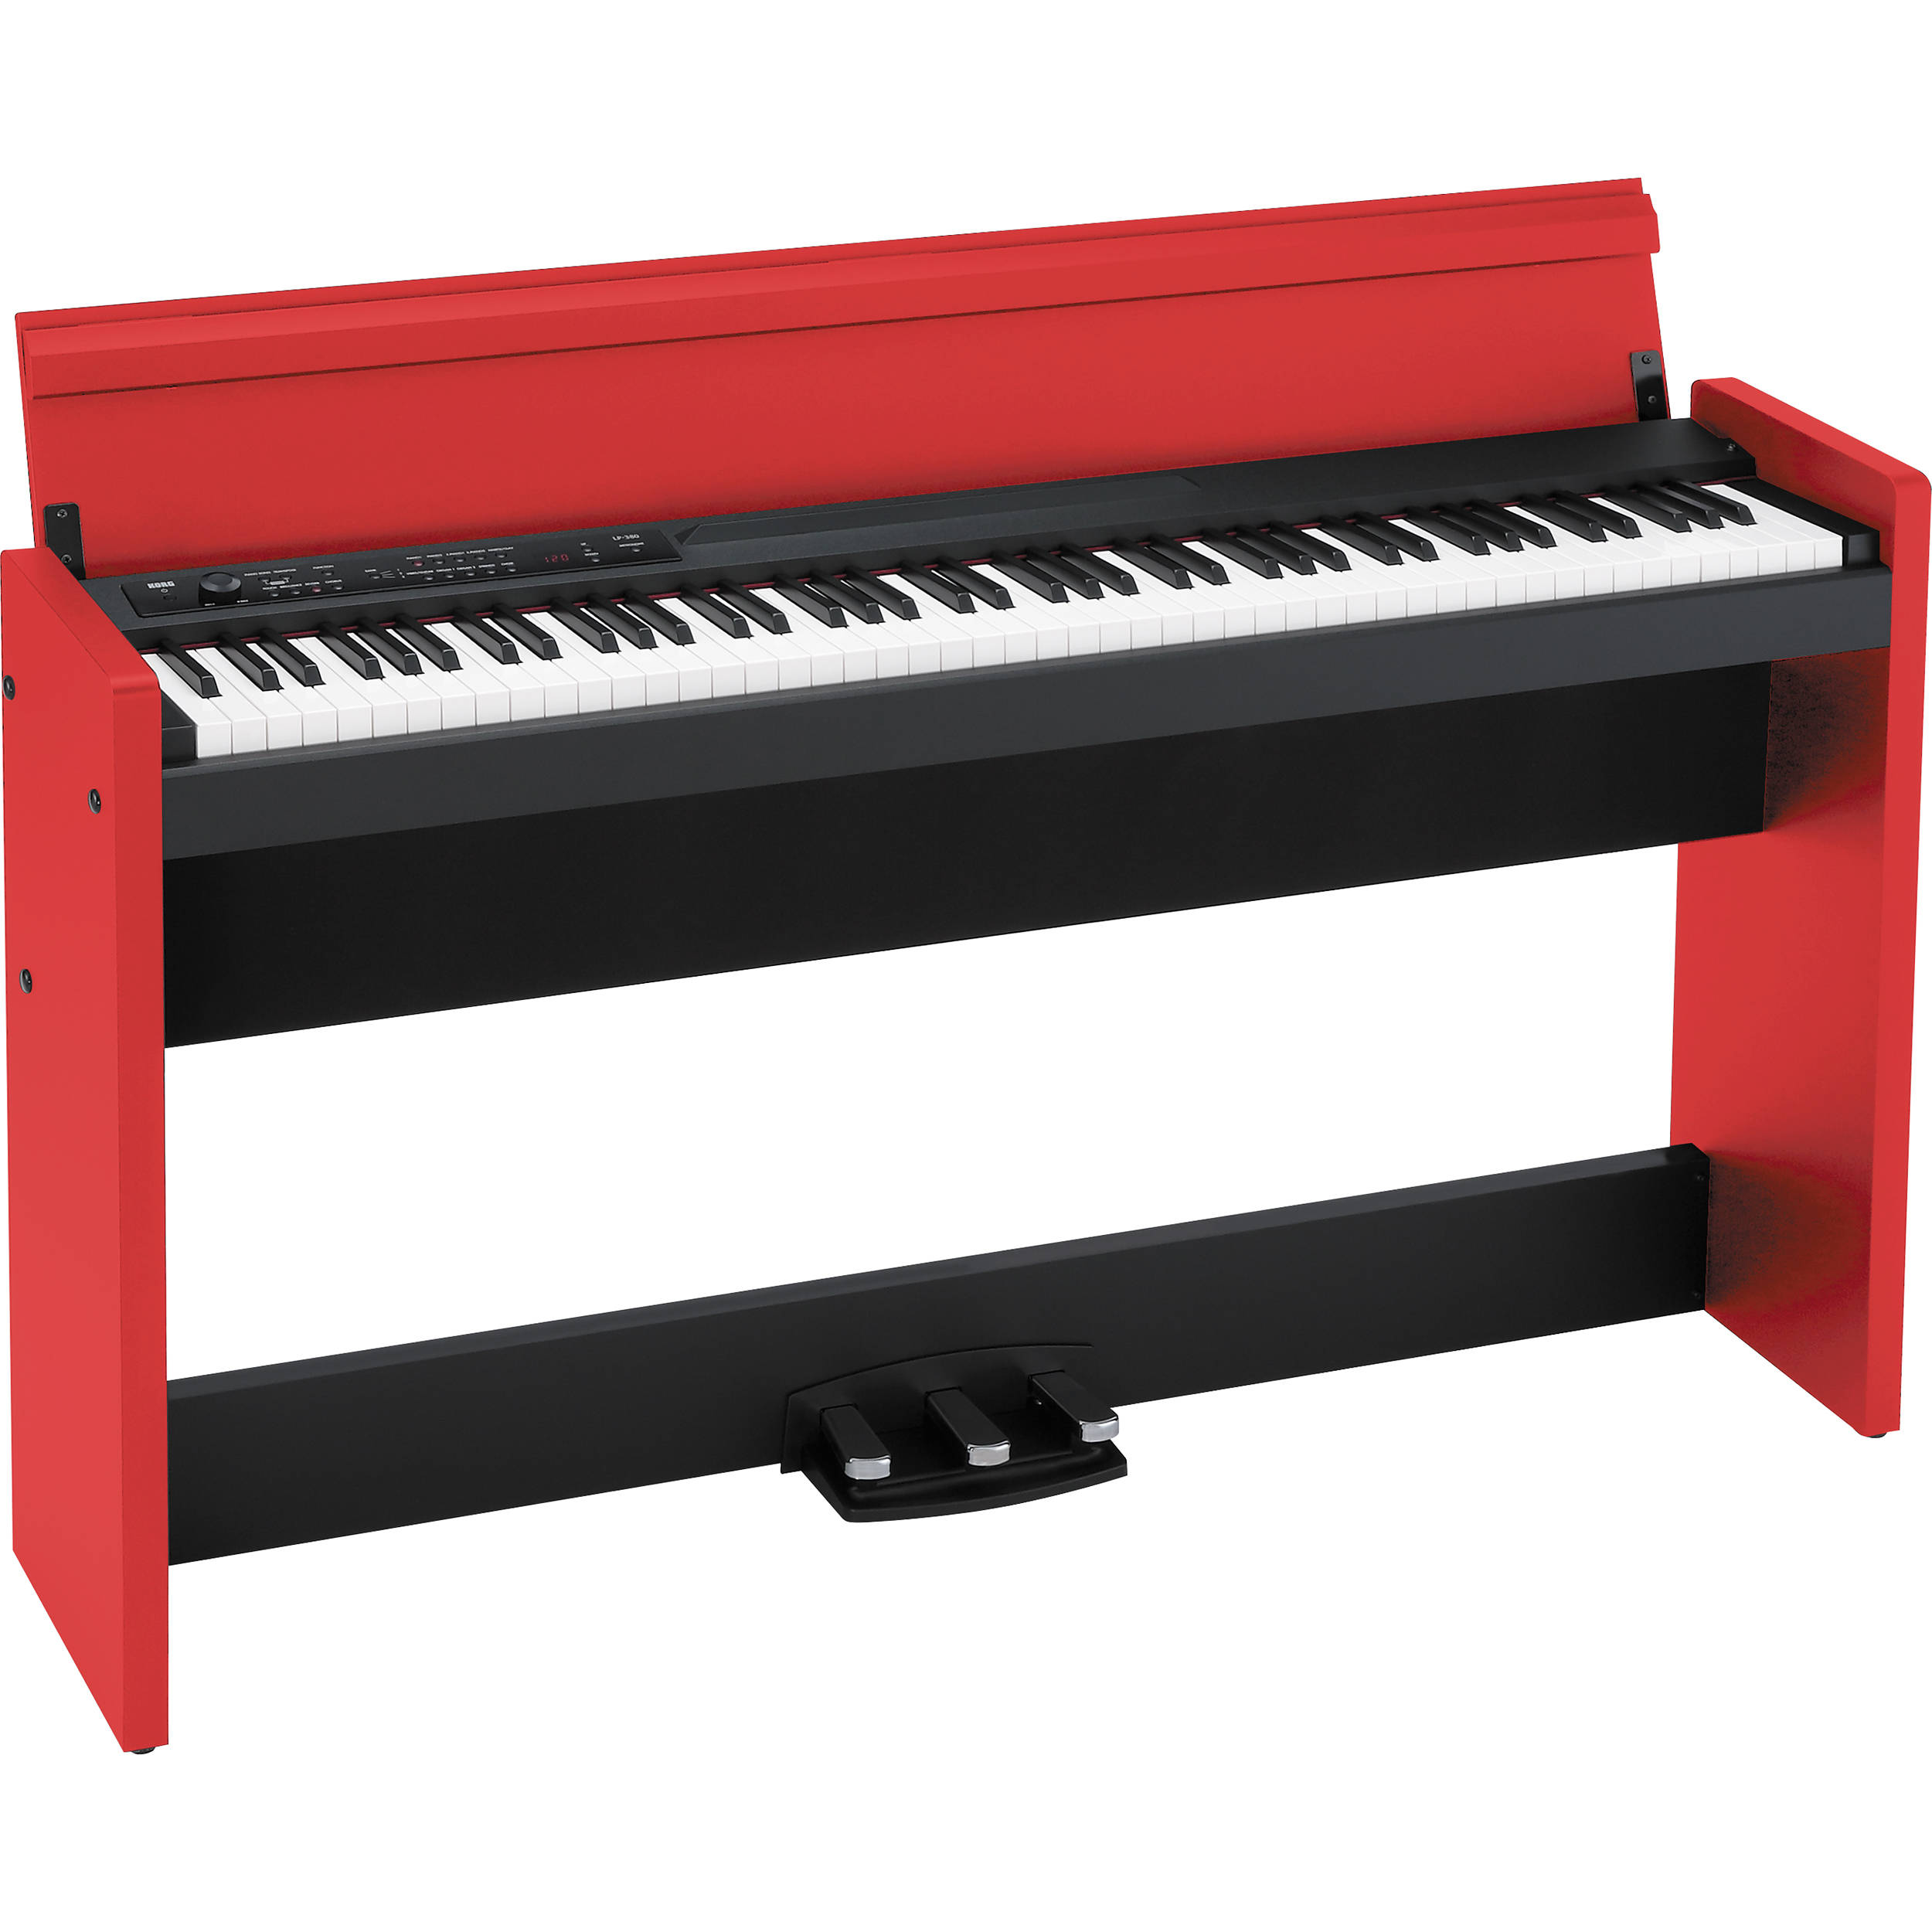 korg lp 380 88 key digital piano red black lp380bkr b h photo. Black Bedroom Furniture Sets. Home Design Ideas